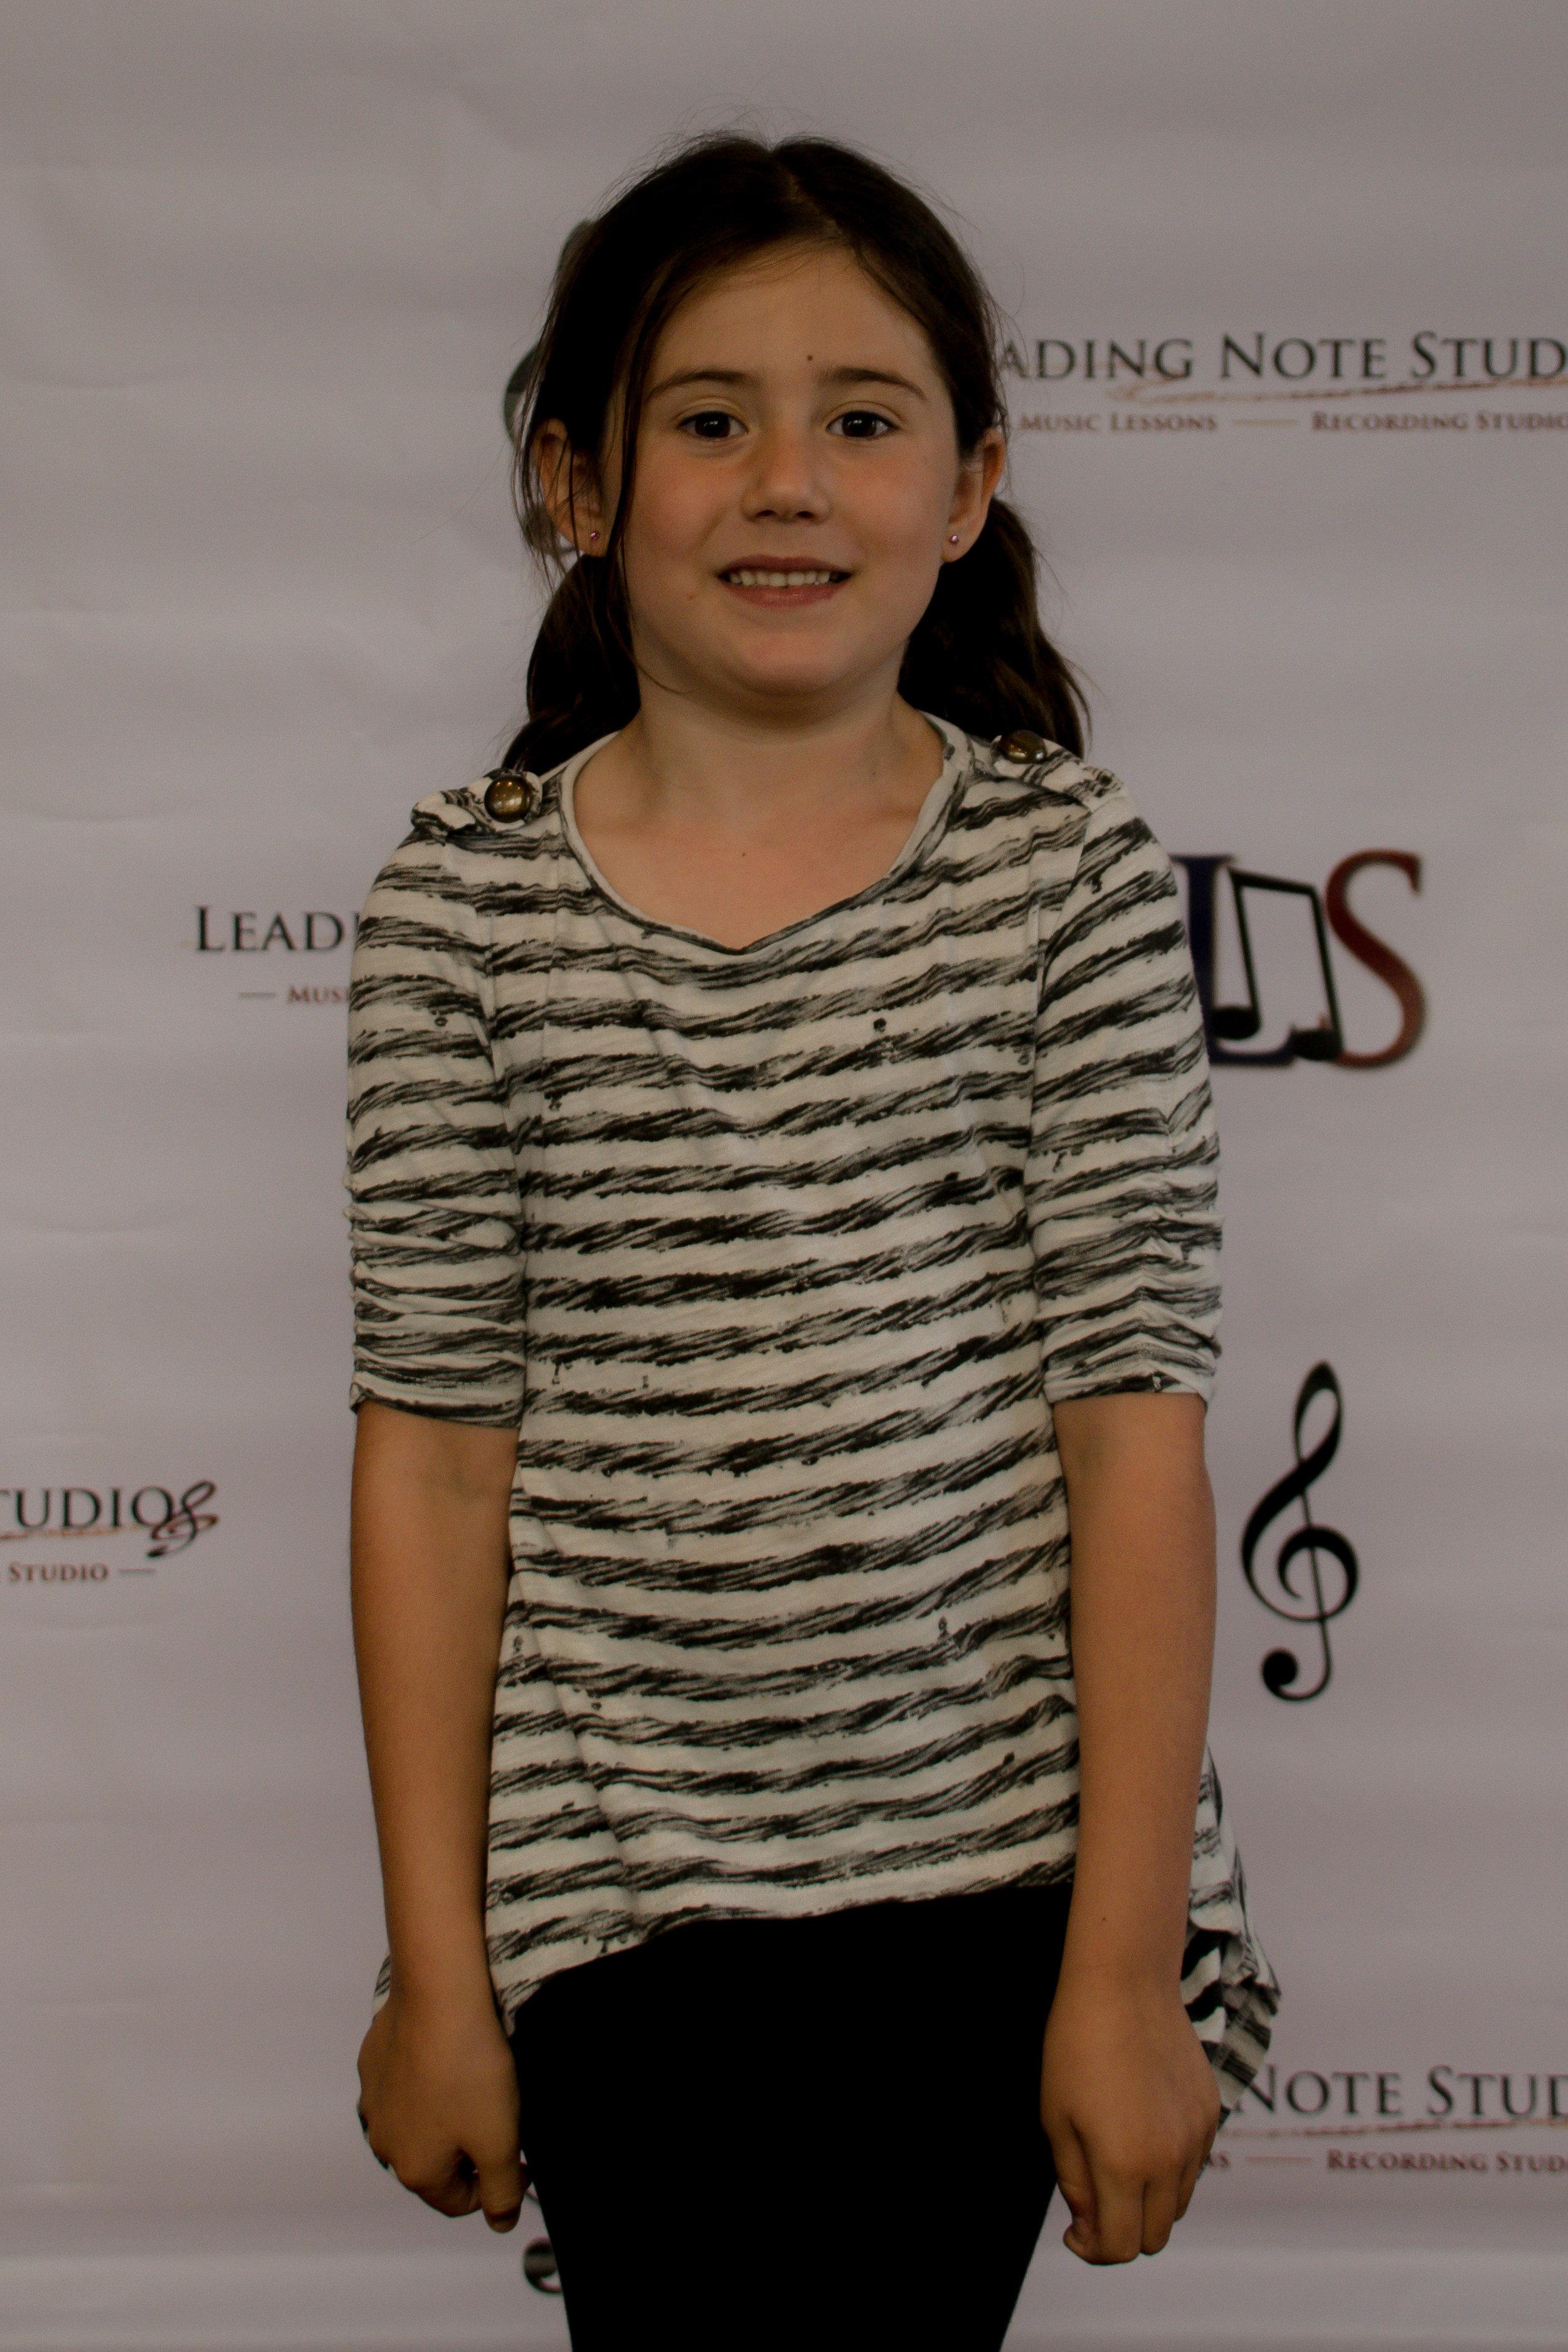 Kaylee Galione